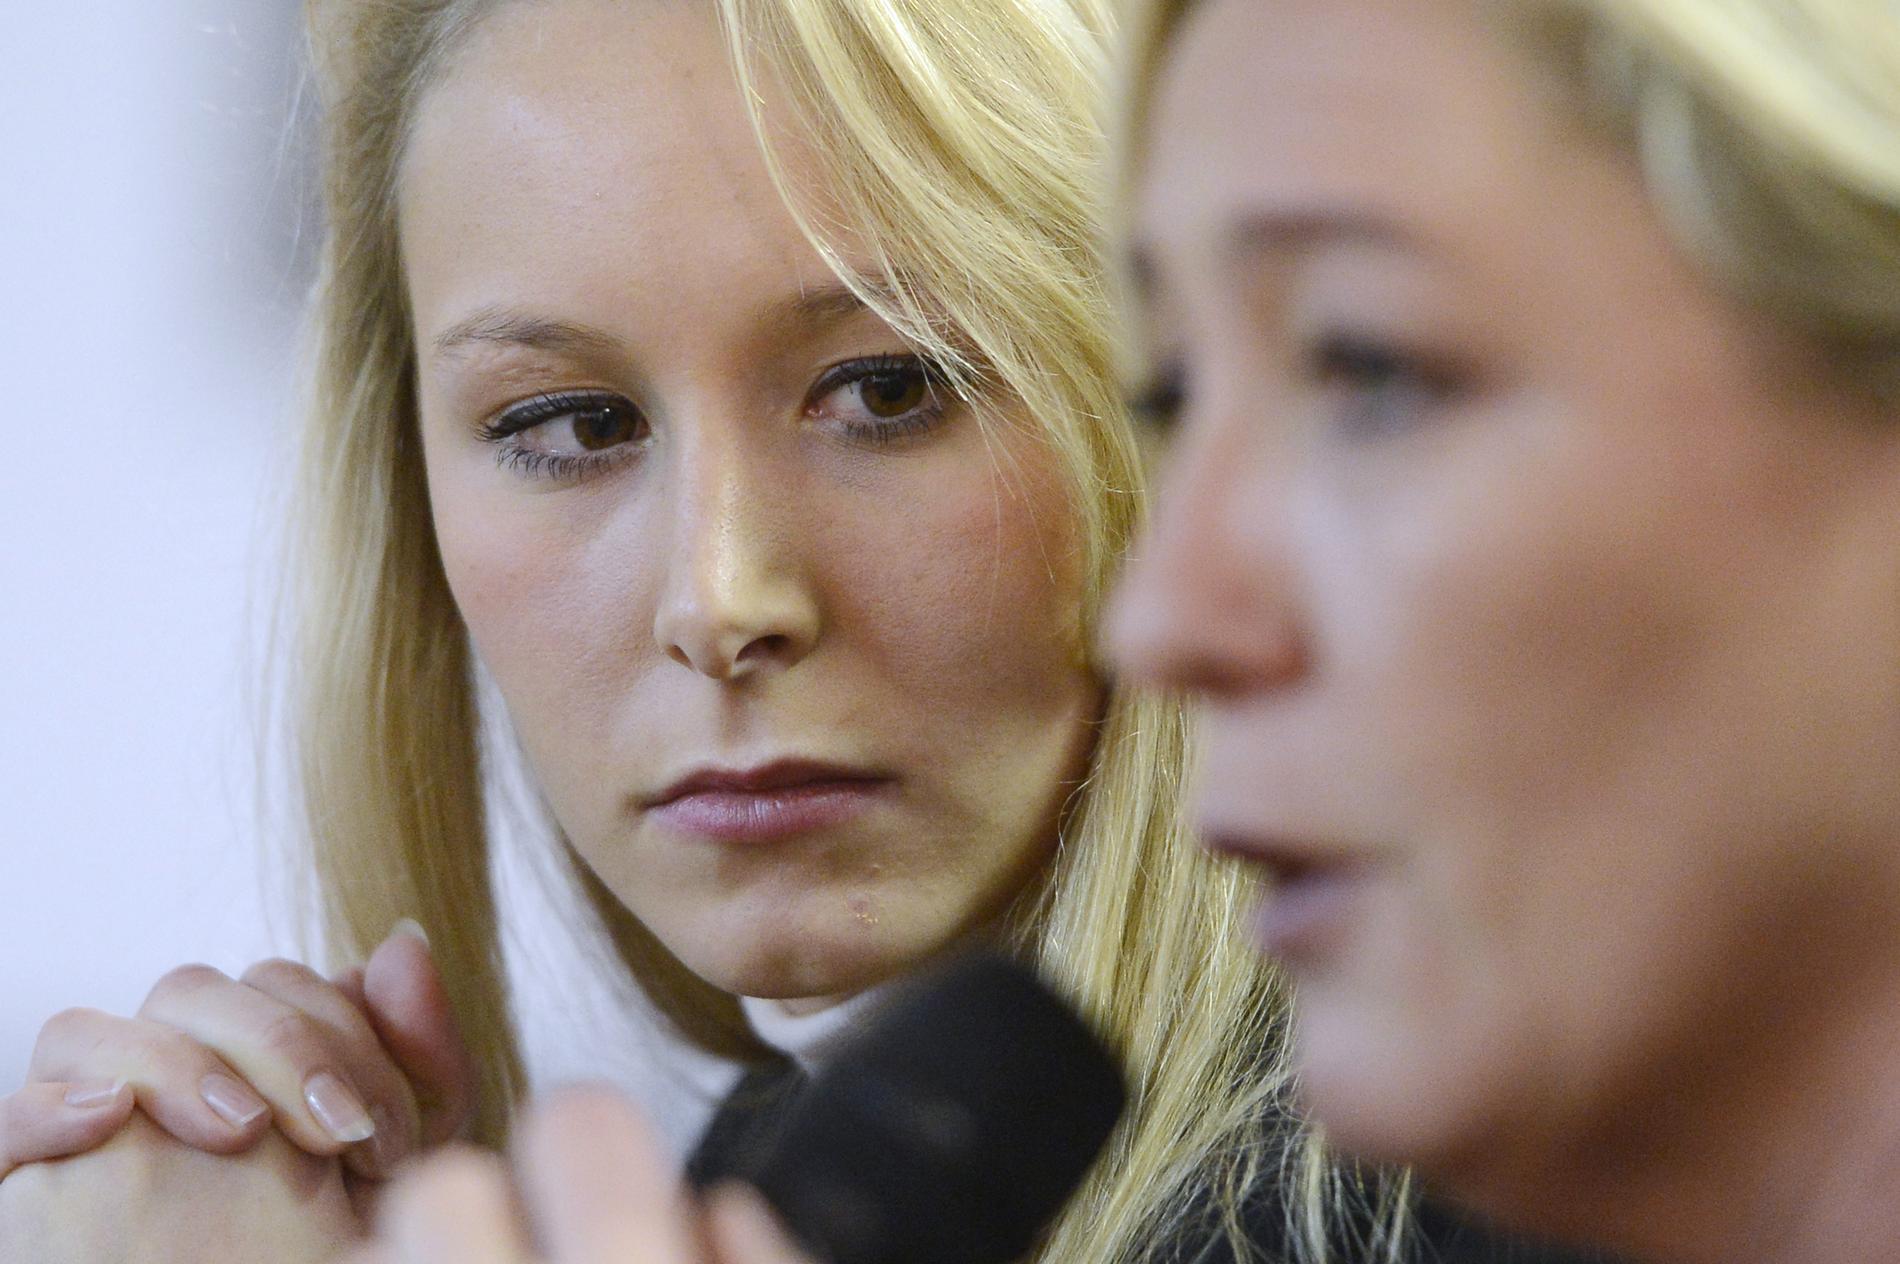 ... -Le Pen, Marine Le Pen. 馬琳·瑪赫夏-勒龐, 馬琳·勒龐